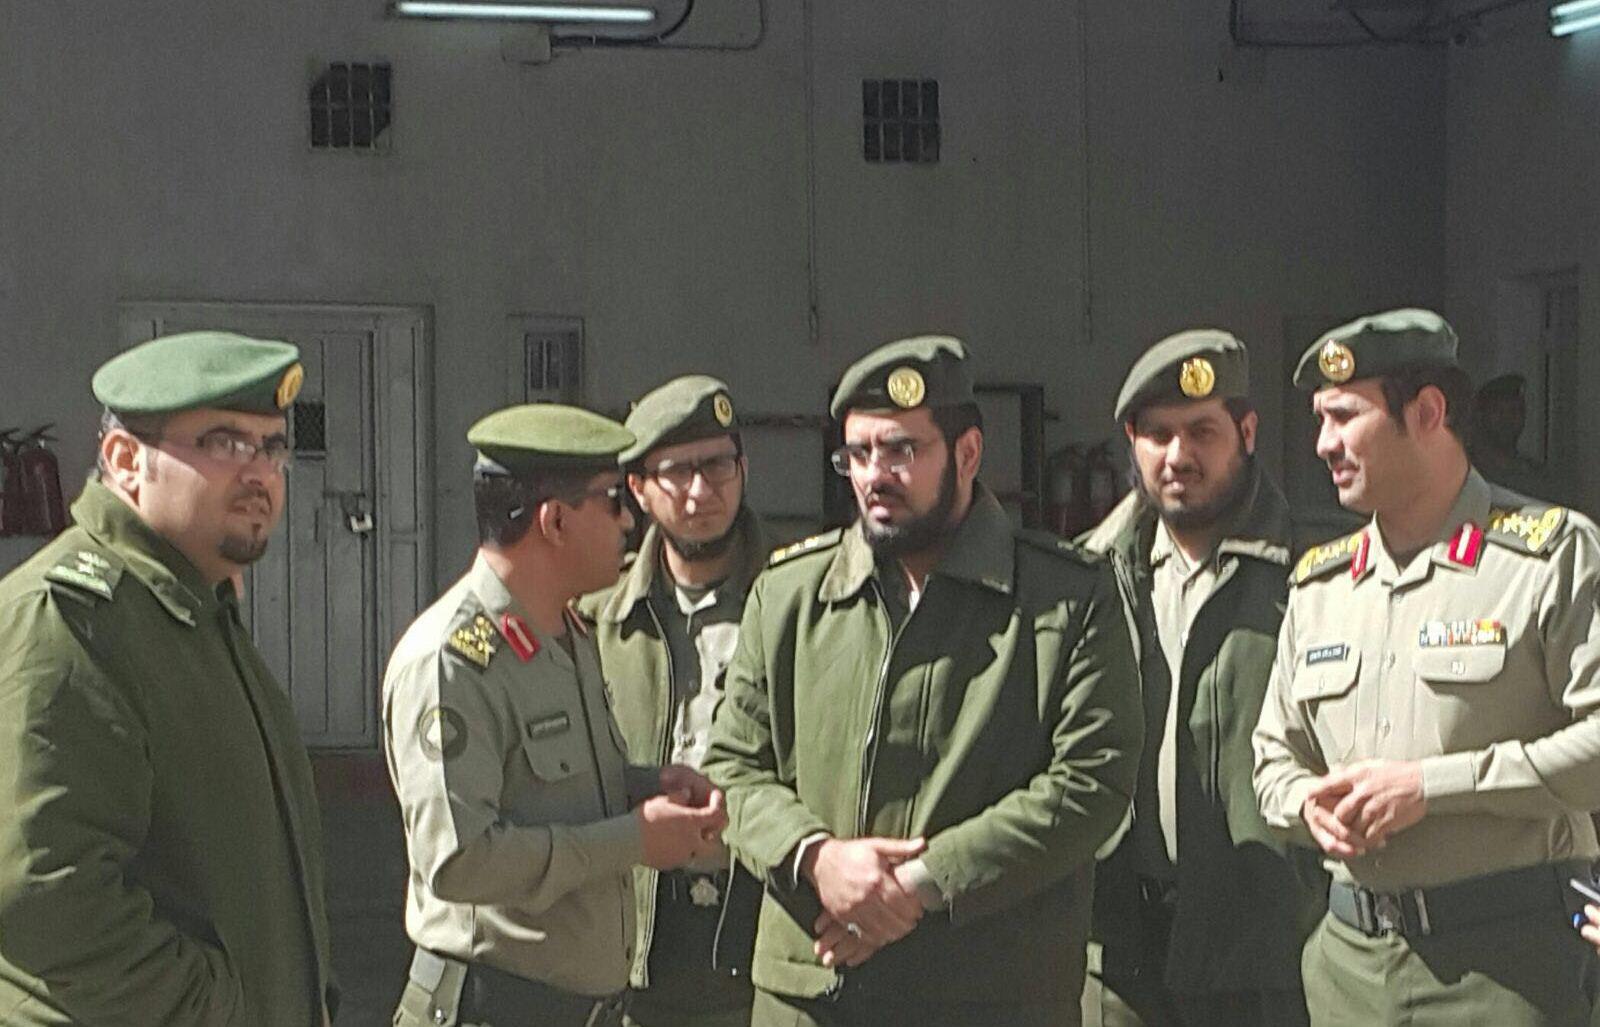 مدير جوازات عسير يتفقد ادارة جوازات ظهران الجنوب وشعبة سراة عبيده (6)